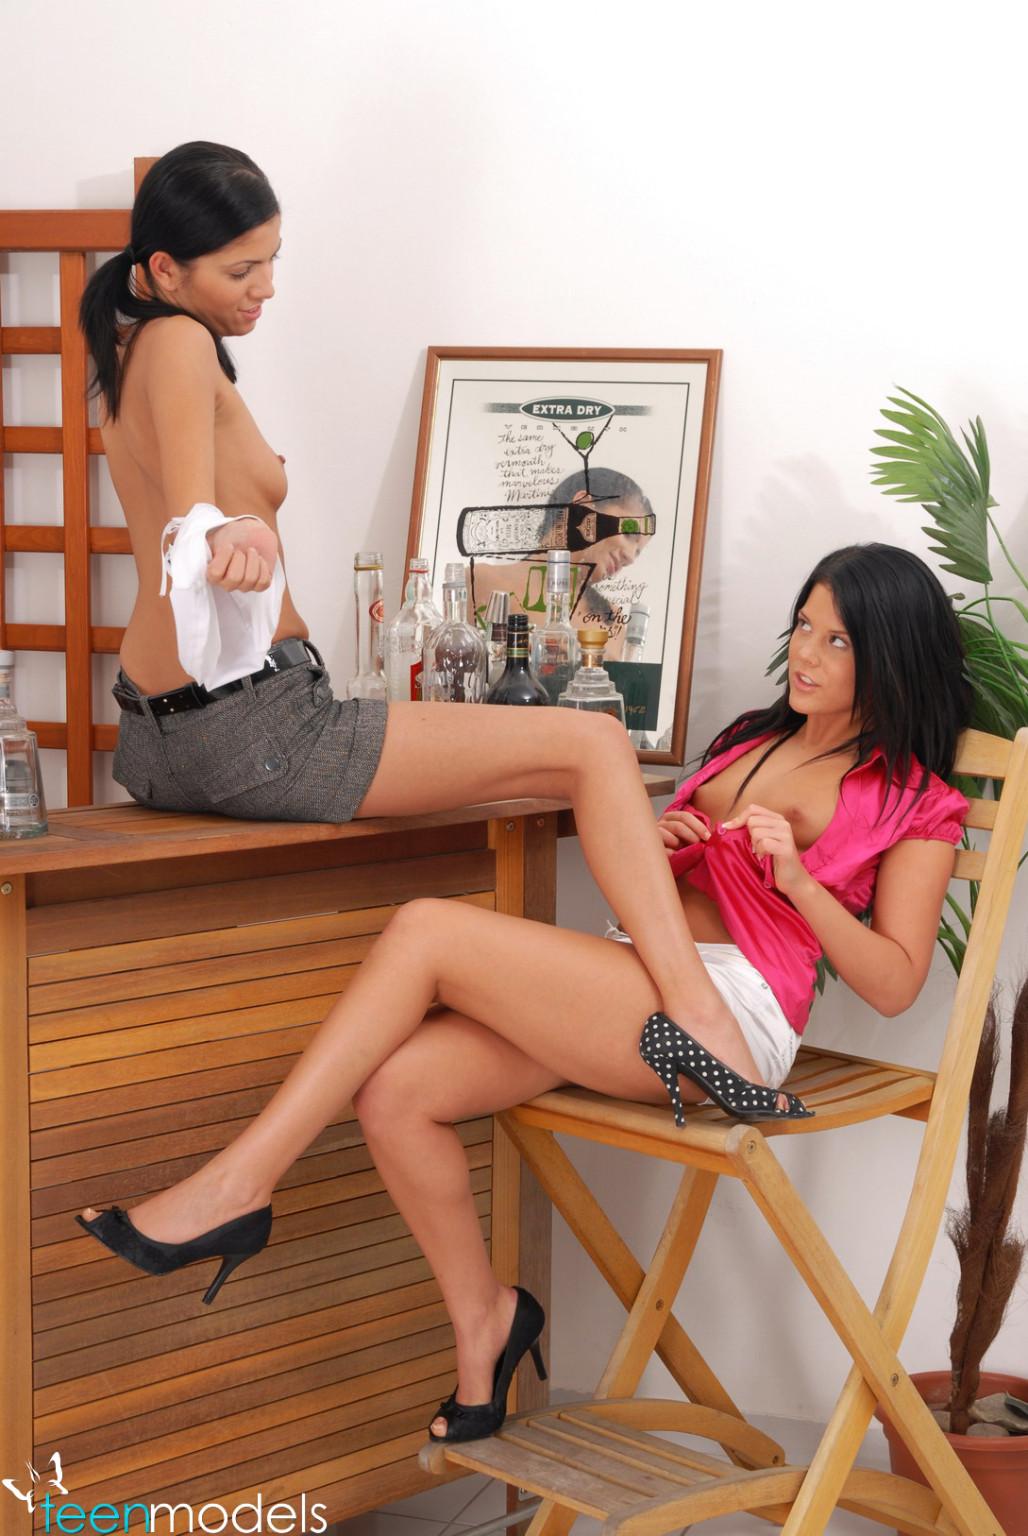 Две сексуальные красотки уединяются, чтобы показать - они умеют развлекаться и без мужчин